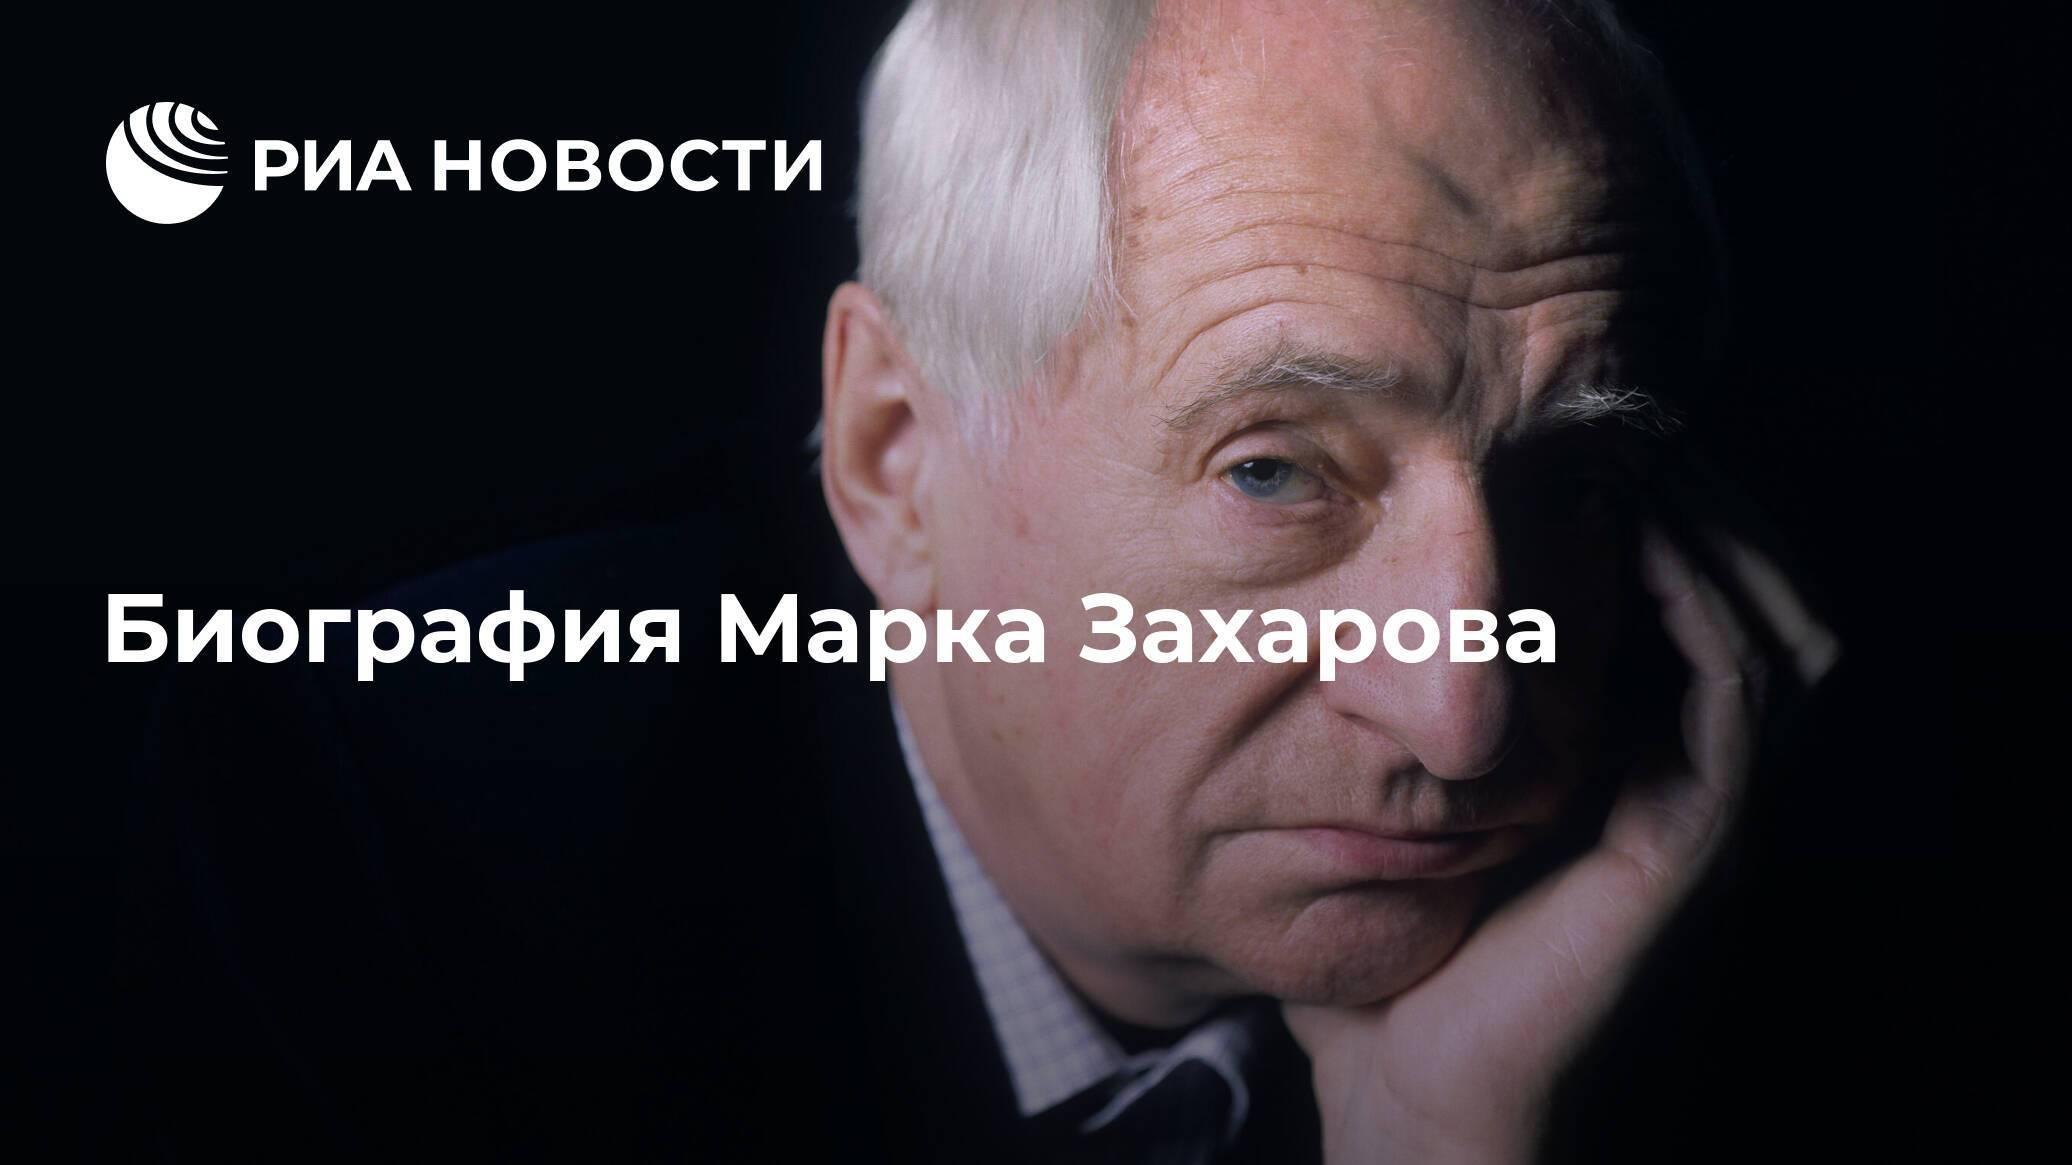 Захаров, марк анатольевич — википедия. что такое захаров, марк анатольевич